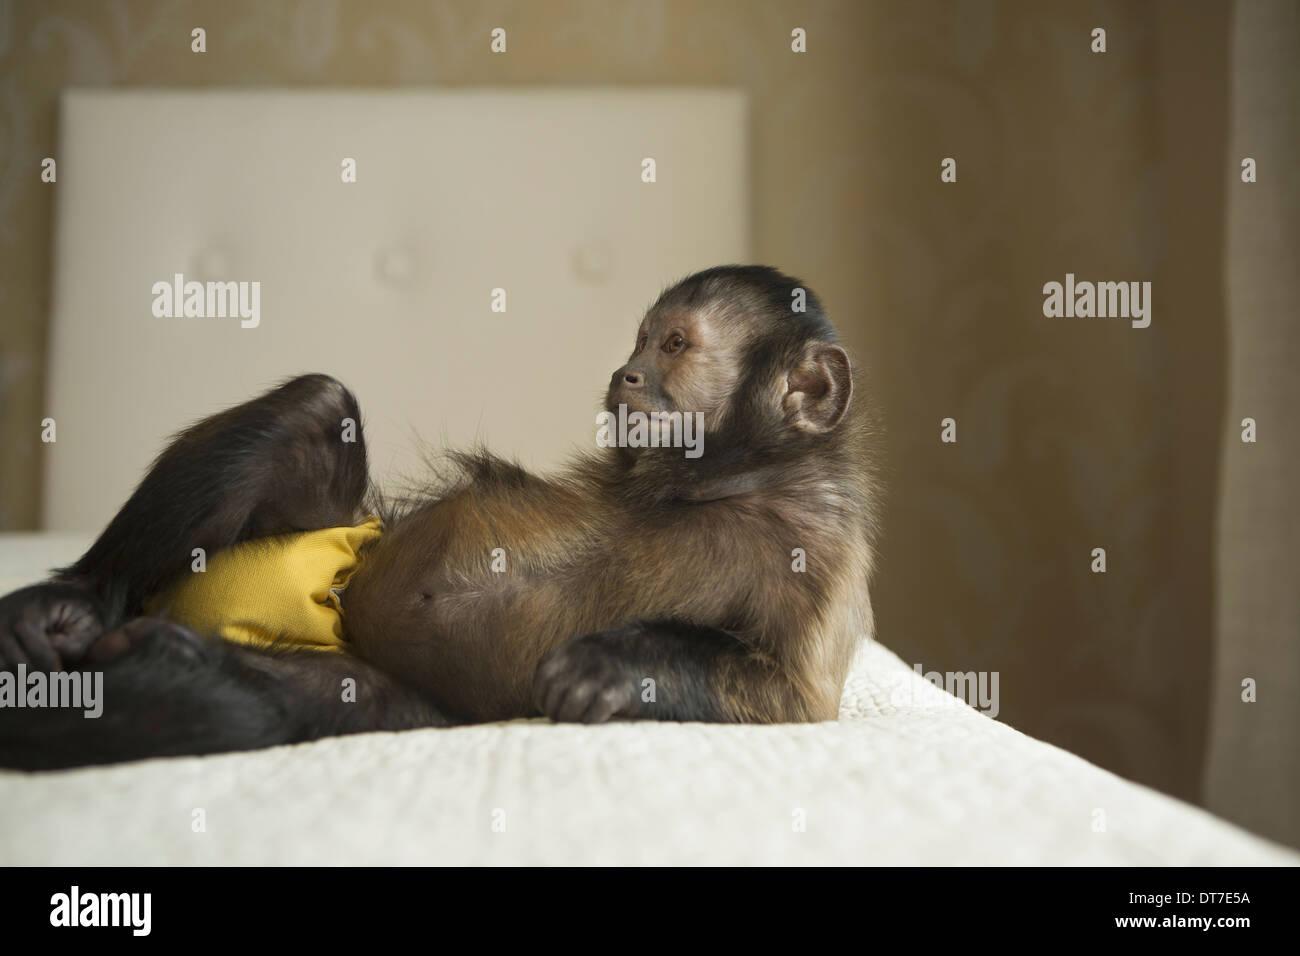 Una scimmia cappuccino giacente su un letto in una casa nazionale di Austin in Texas USA Immagini Stock